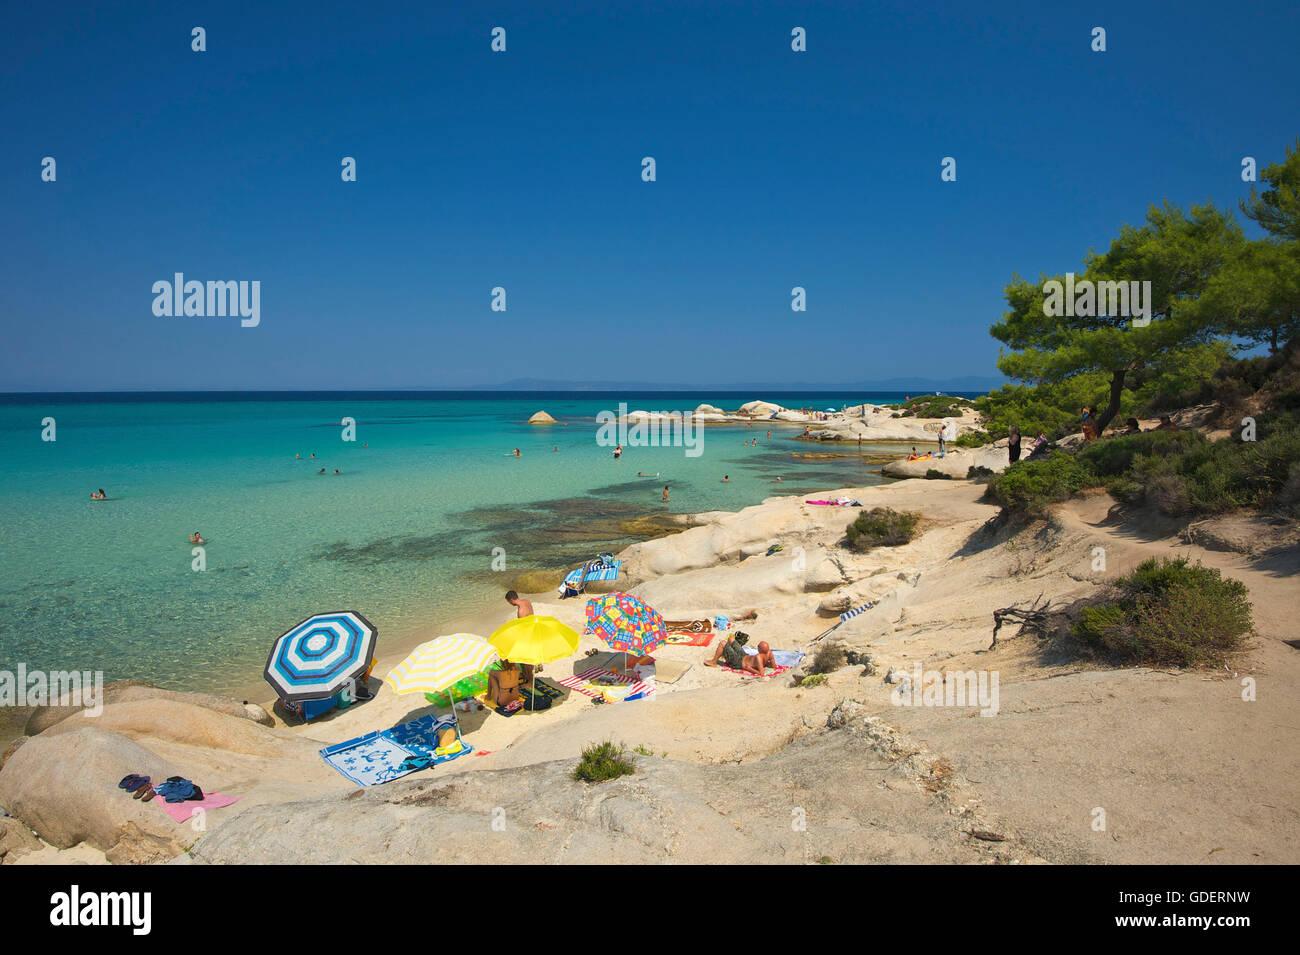 Portokali Beach, Kavourotypes, Sithonia, Chalkidiki, Halkidiki, Greece Stock Photo